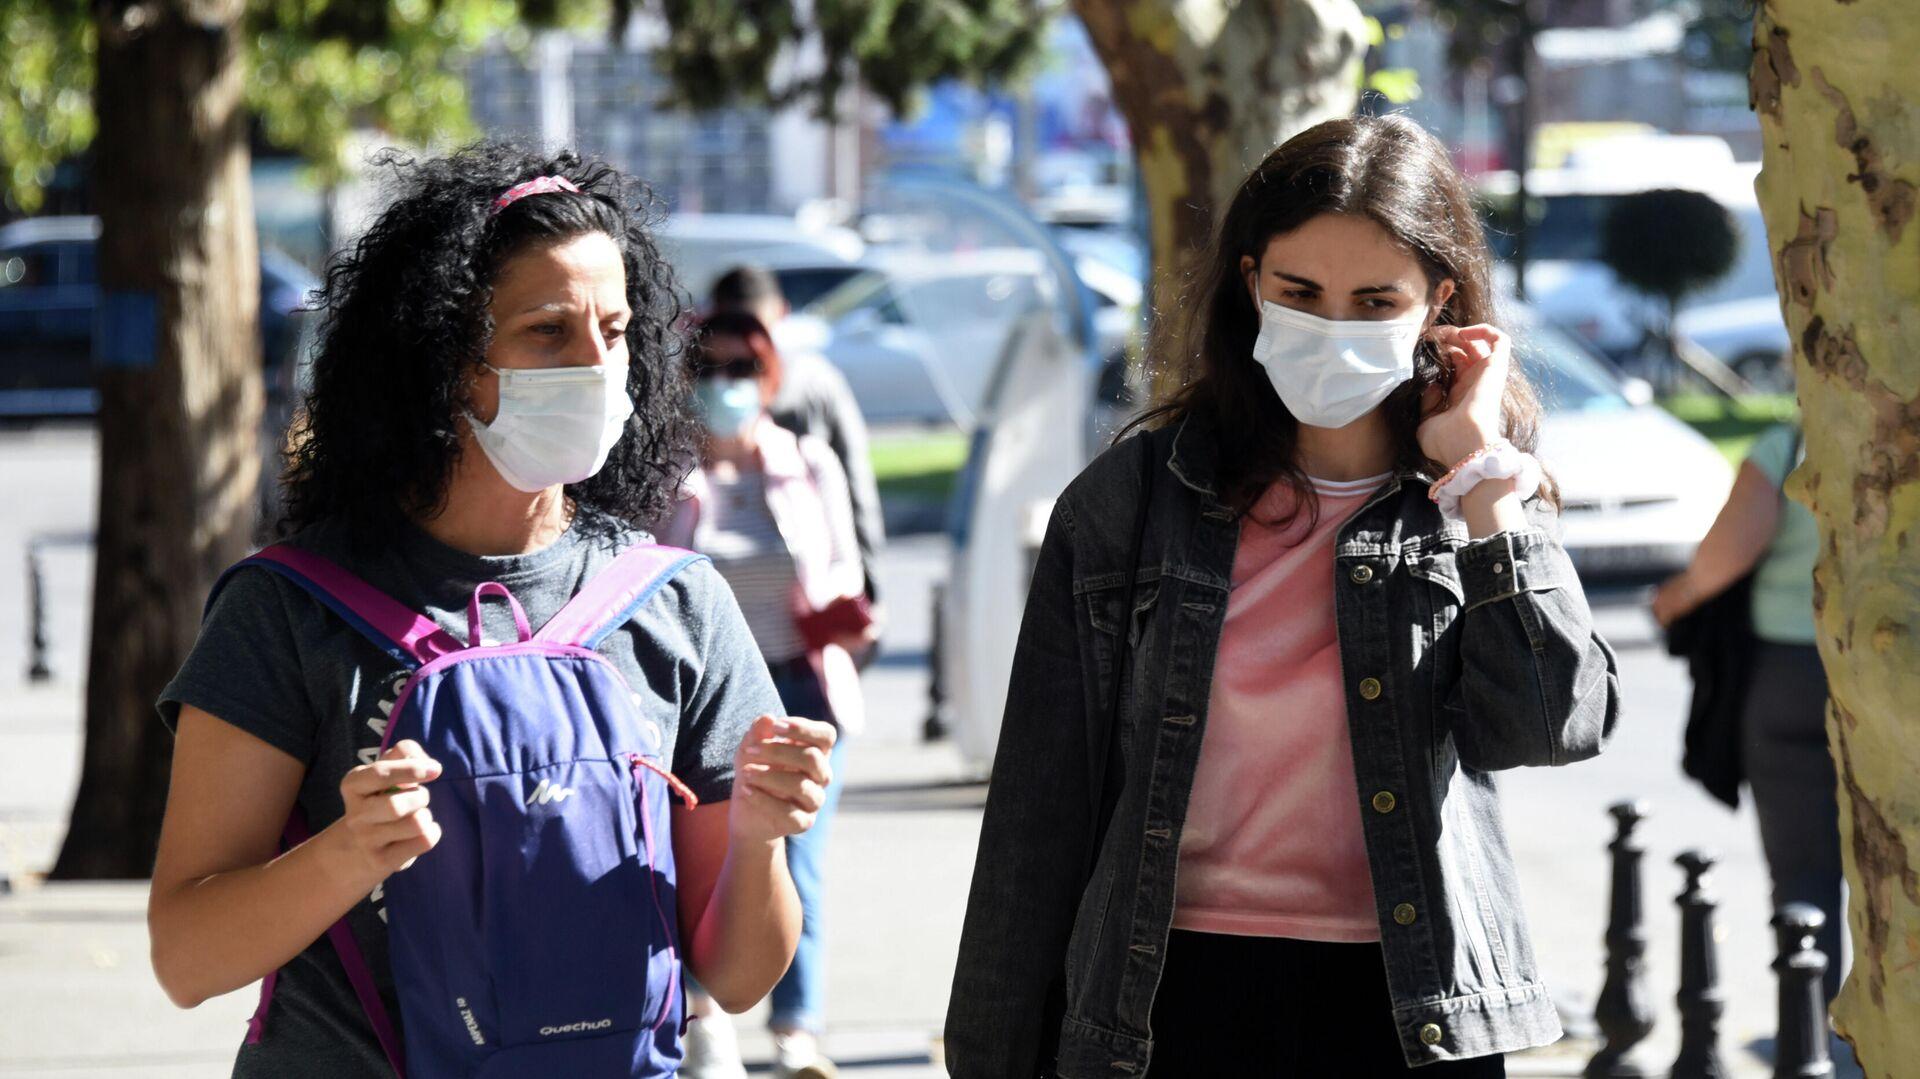 Эпидемия коронавируса - люди на улице в масках - Sputnik Грузия, 1920, 01.10.2021